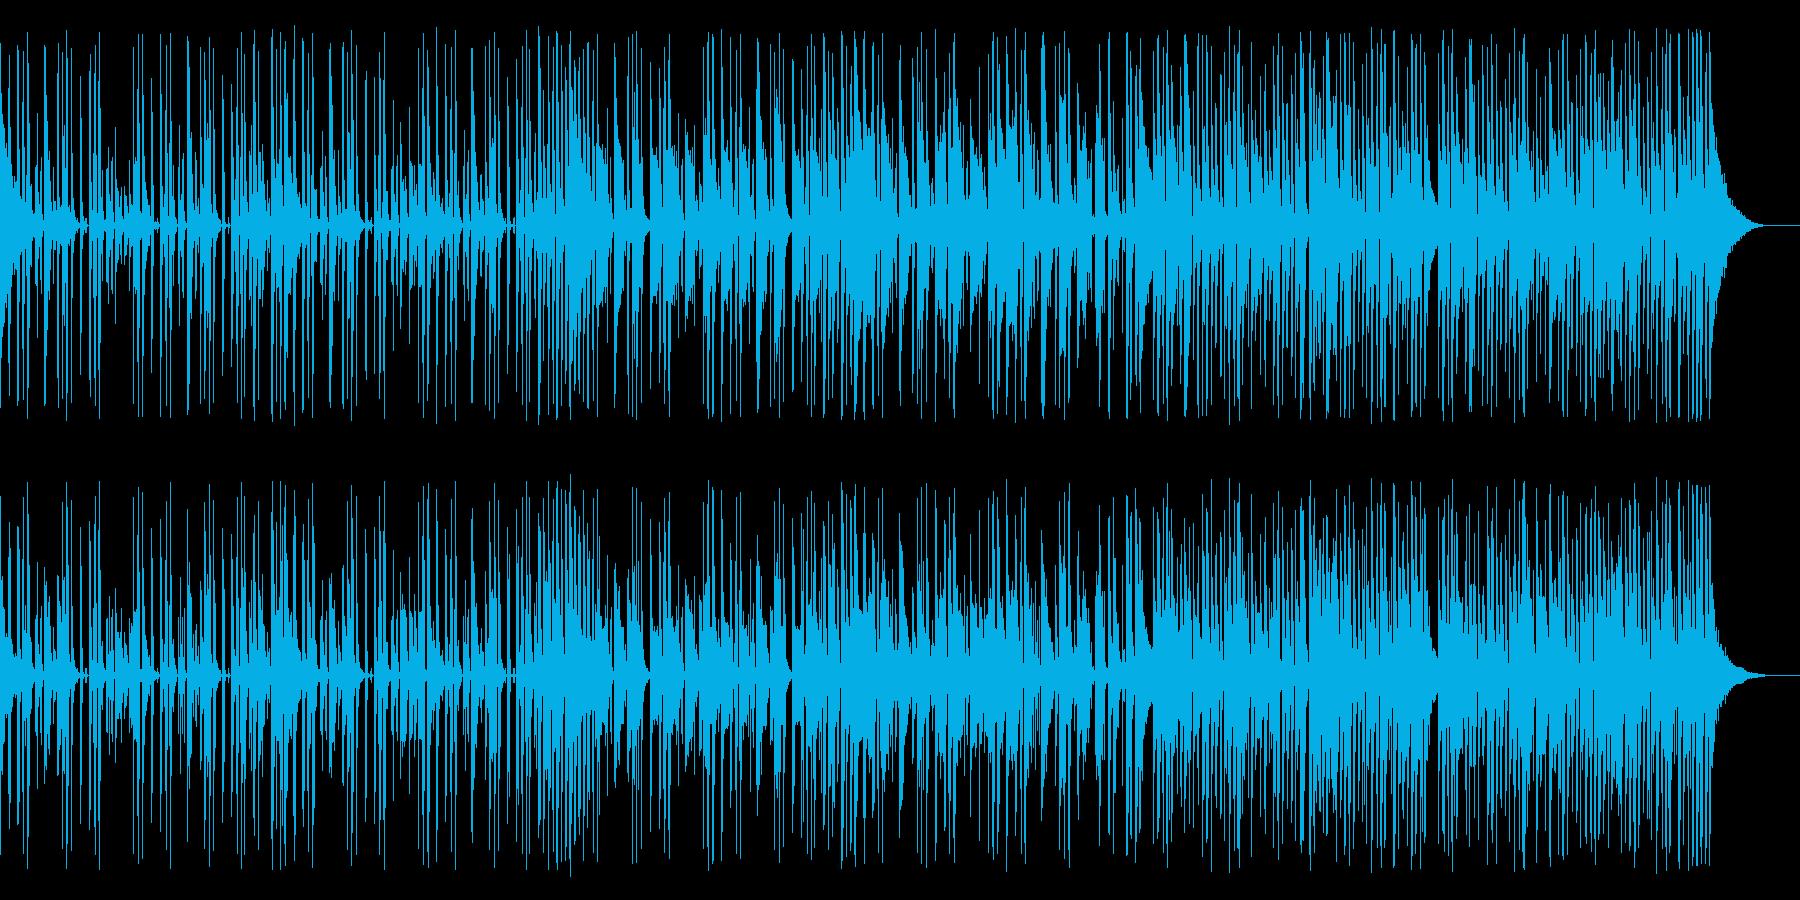 キックなし、133 BPMの再生済みの波形